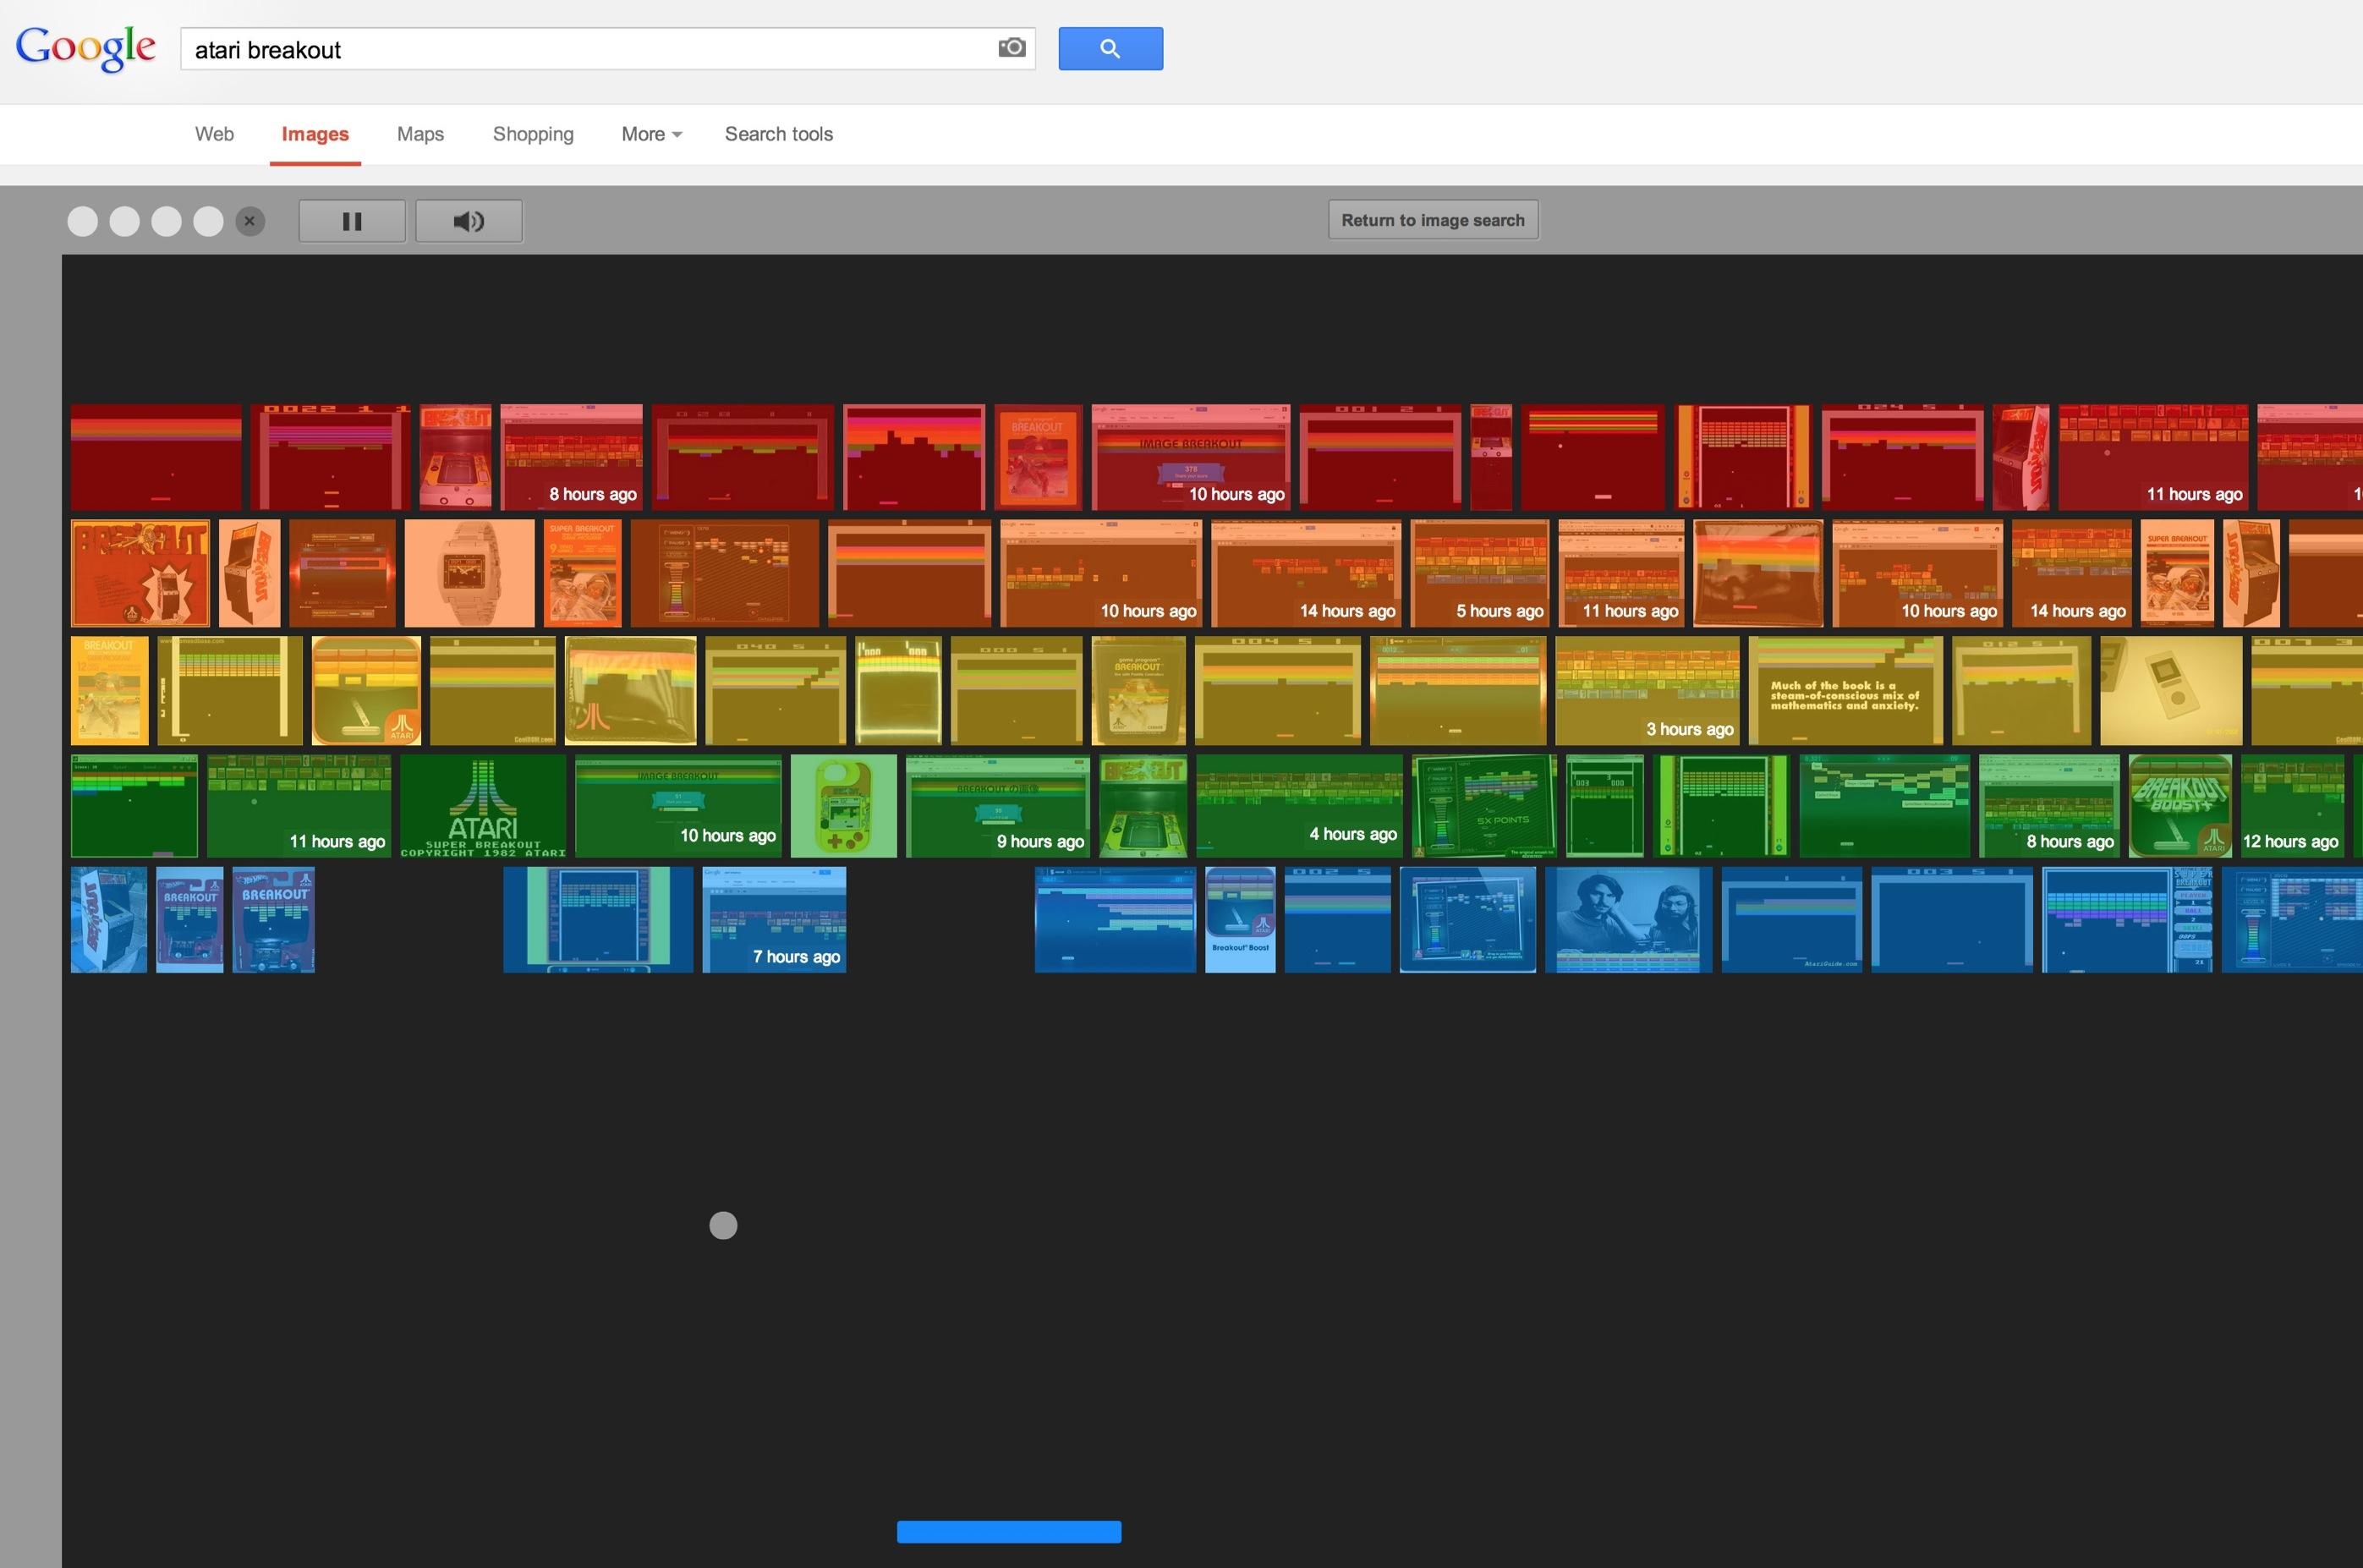 googlebreakout